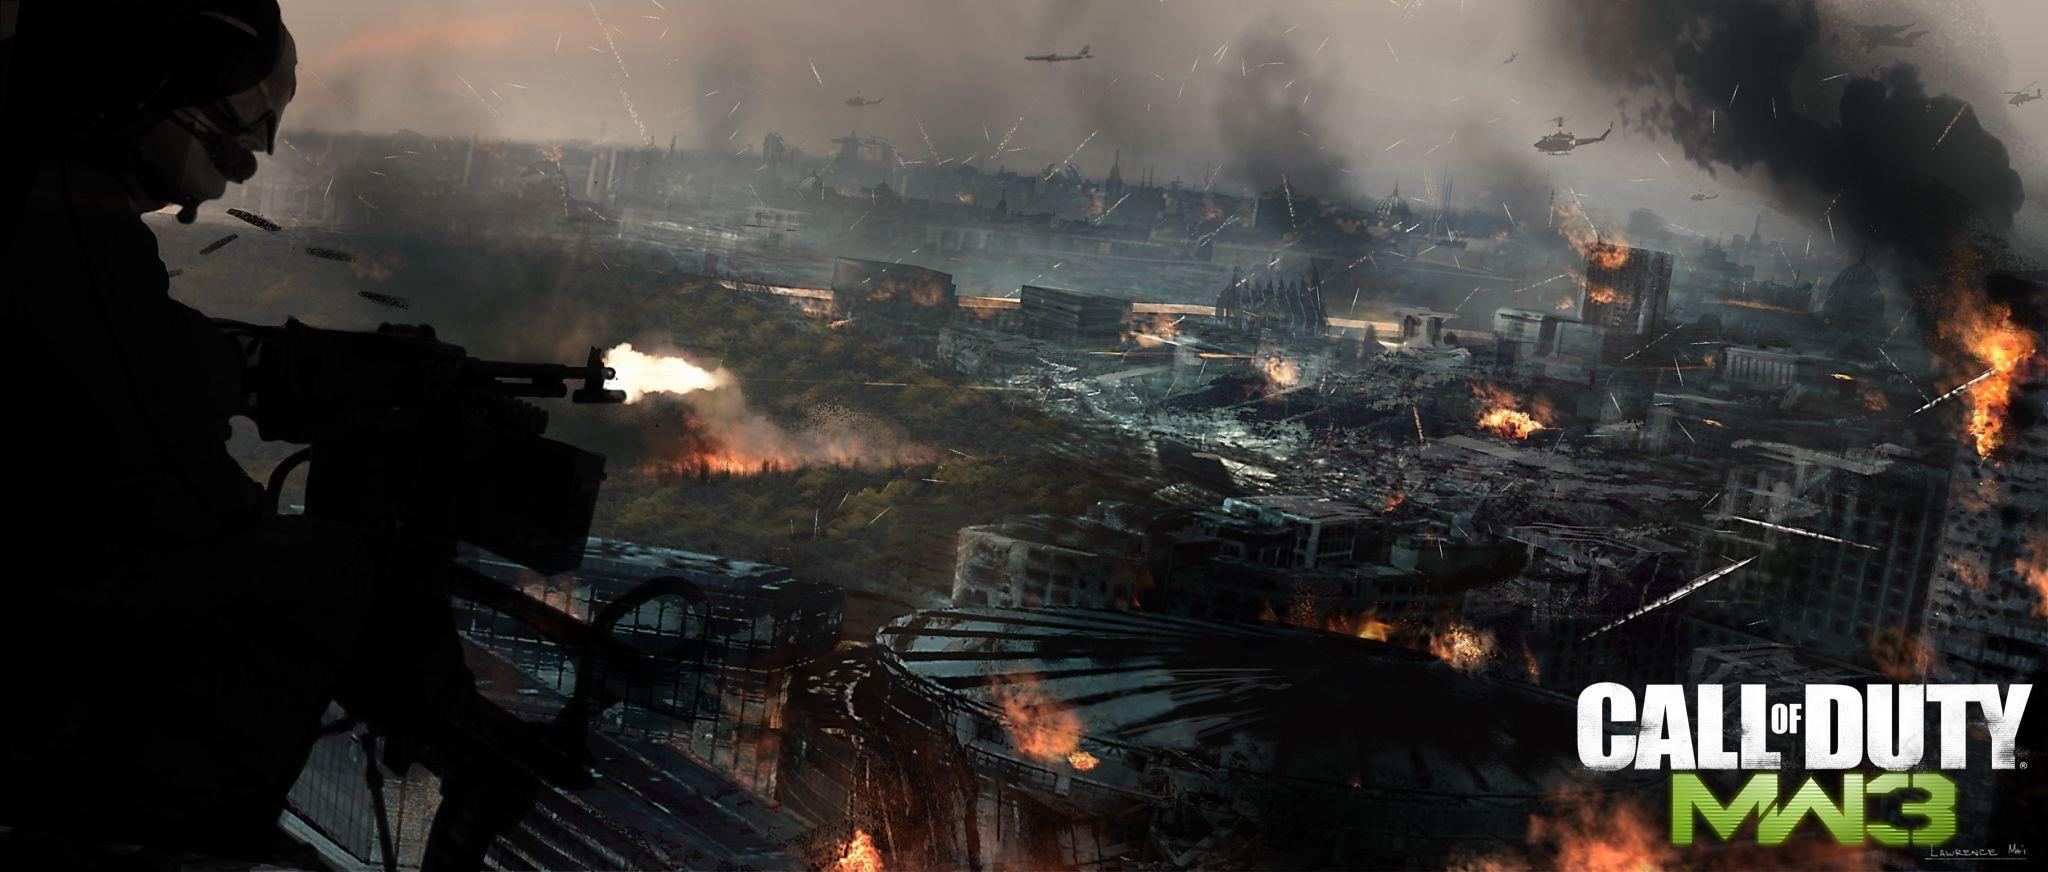 Modern Warfare 3 Wallpaper Modern Warfare Call Of Duty Warfare